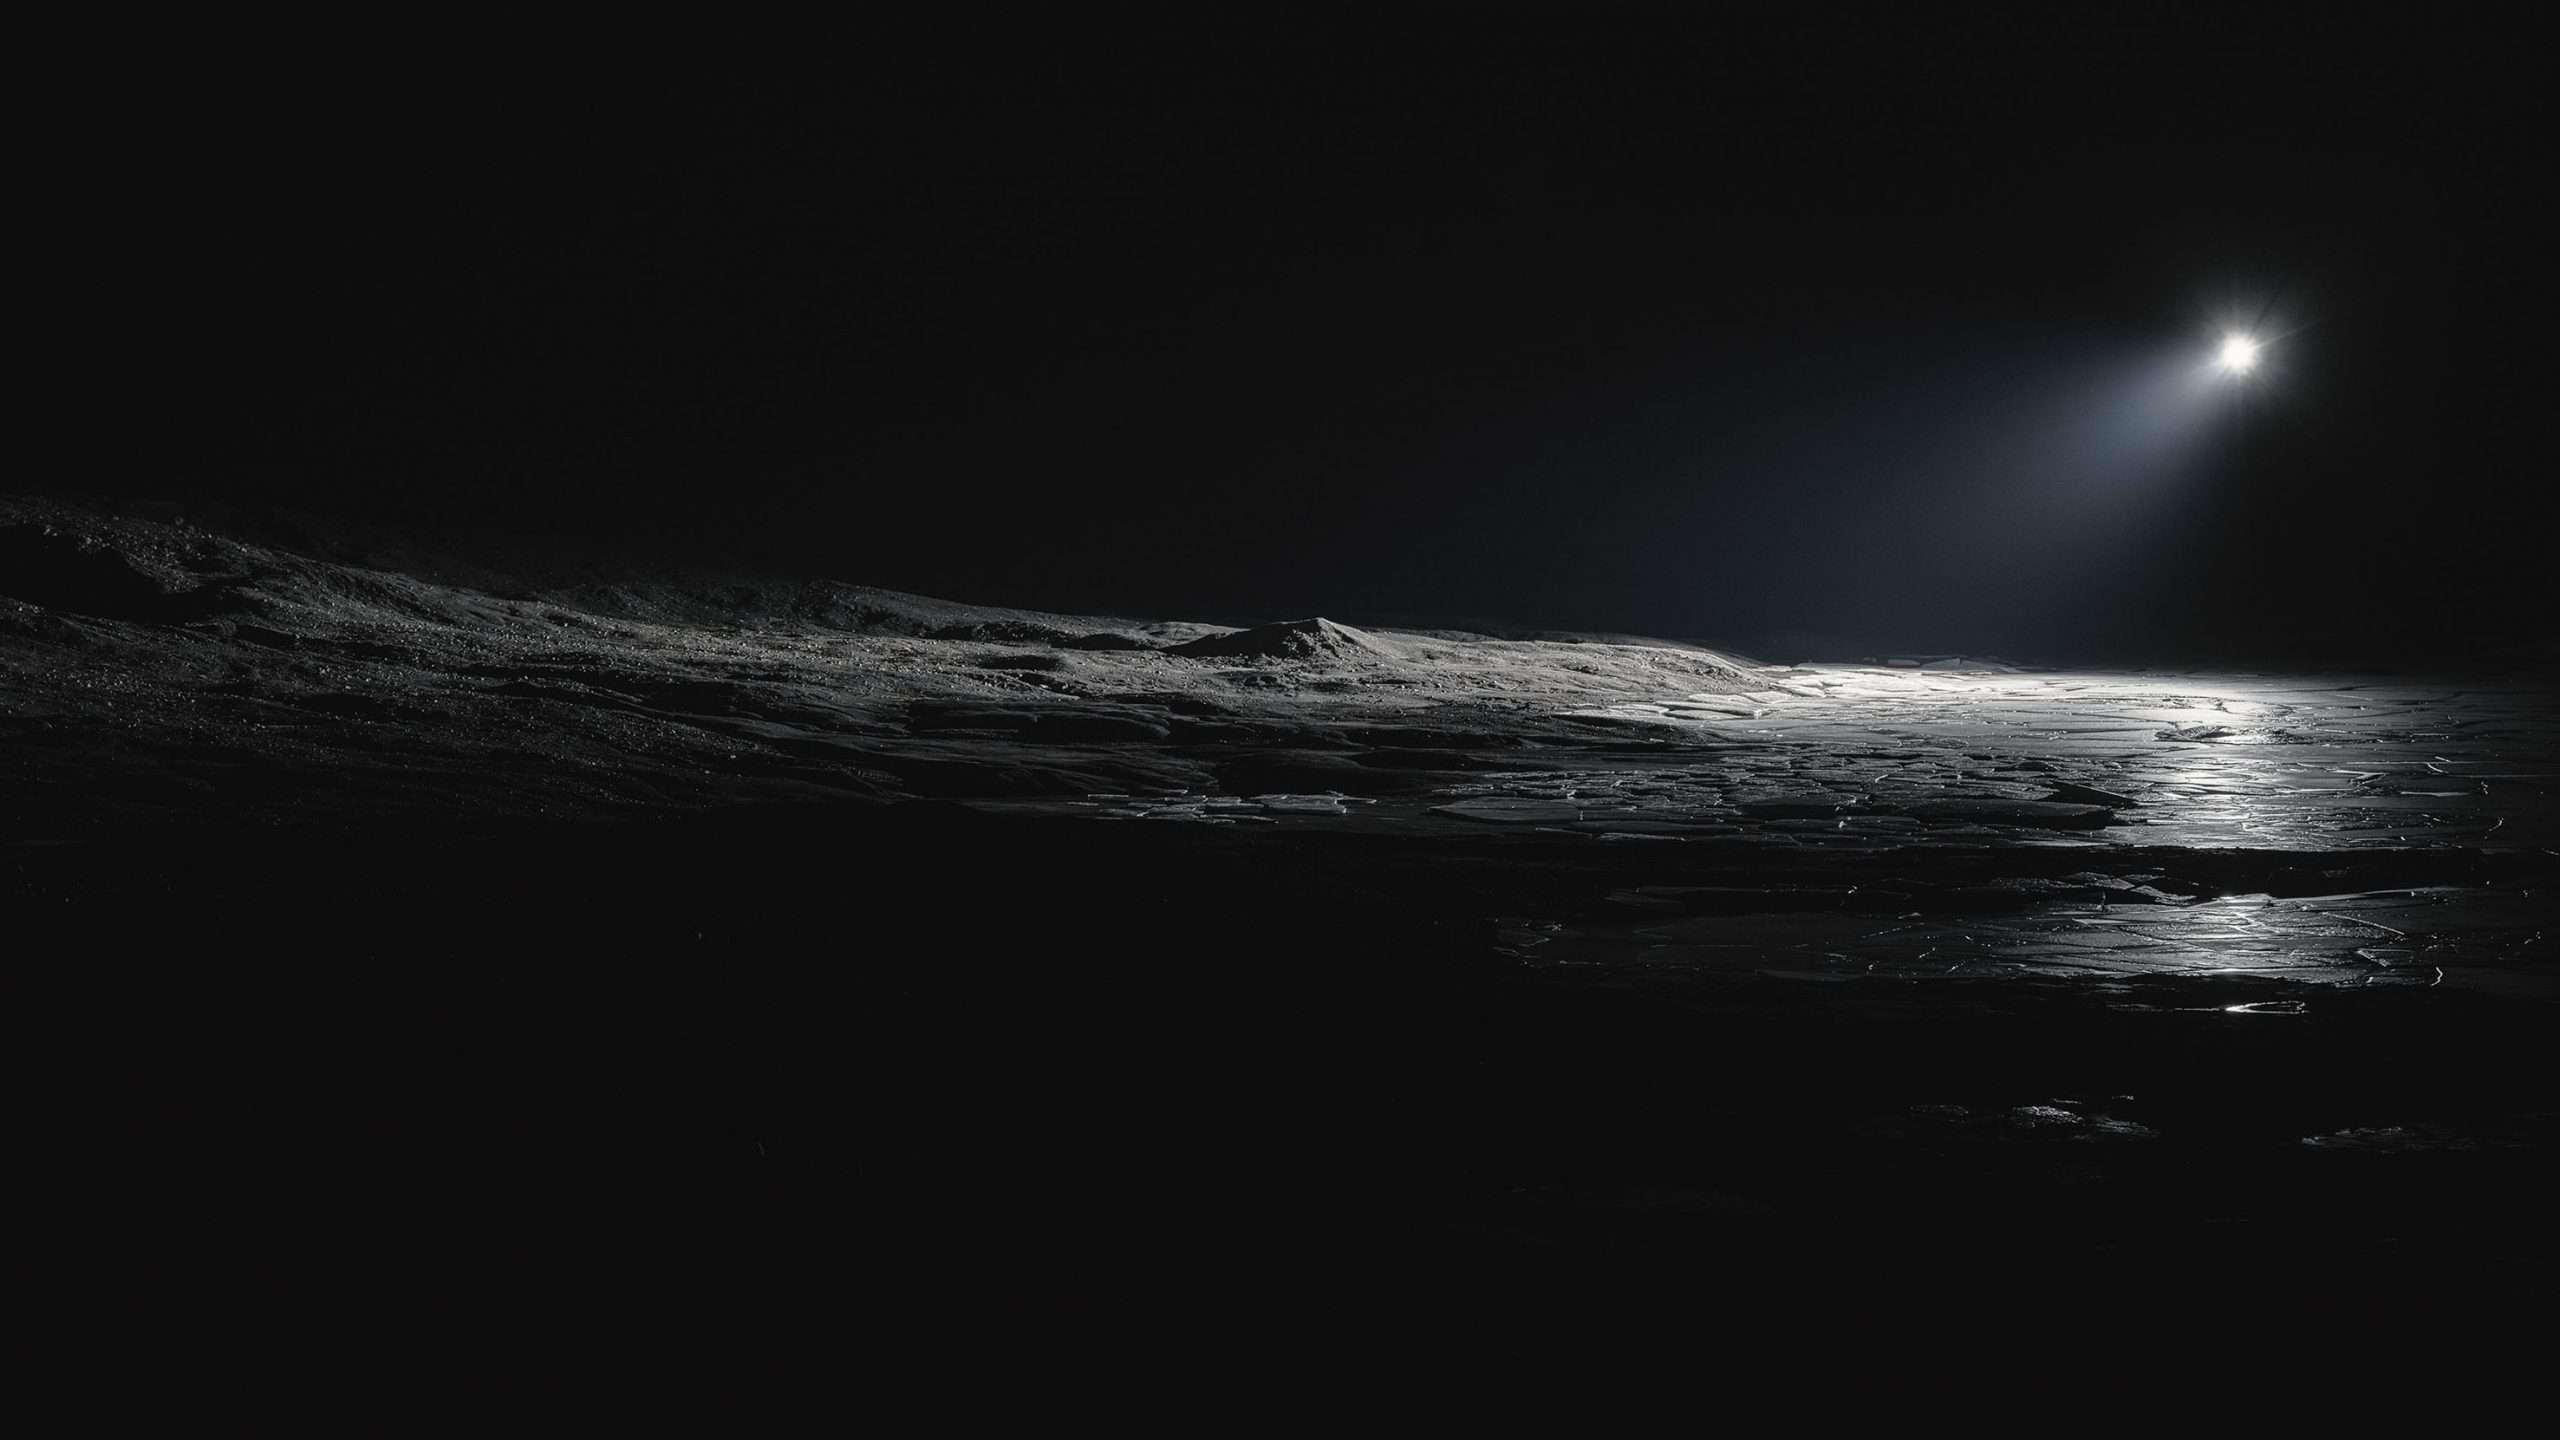 Julian Charrière Towards No Earthly Pole 2019 © Julian Charrière; ProLitteris 2019, Zurich